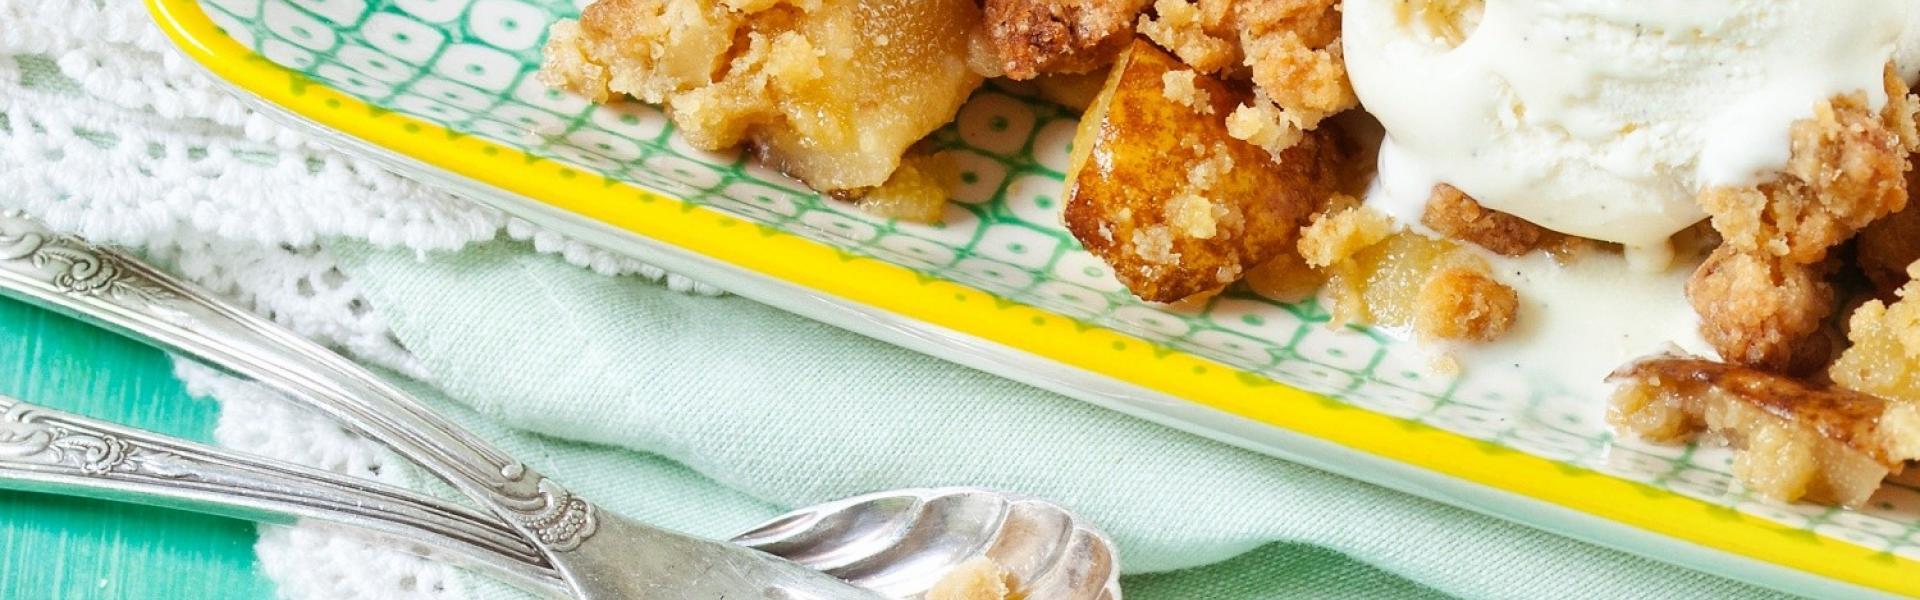 Birnen-Crumble mit Vanilleeis in Auflaufform